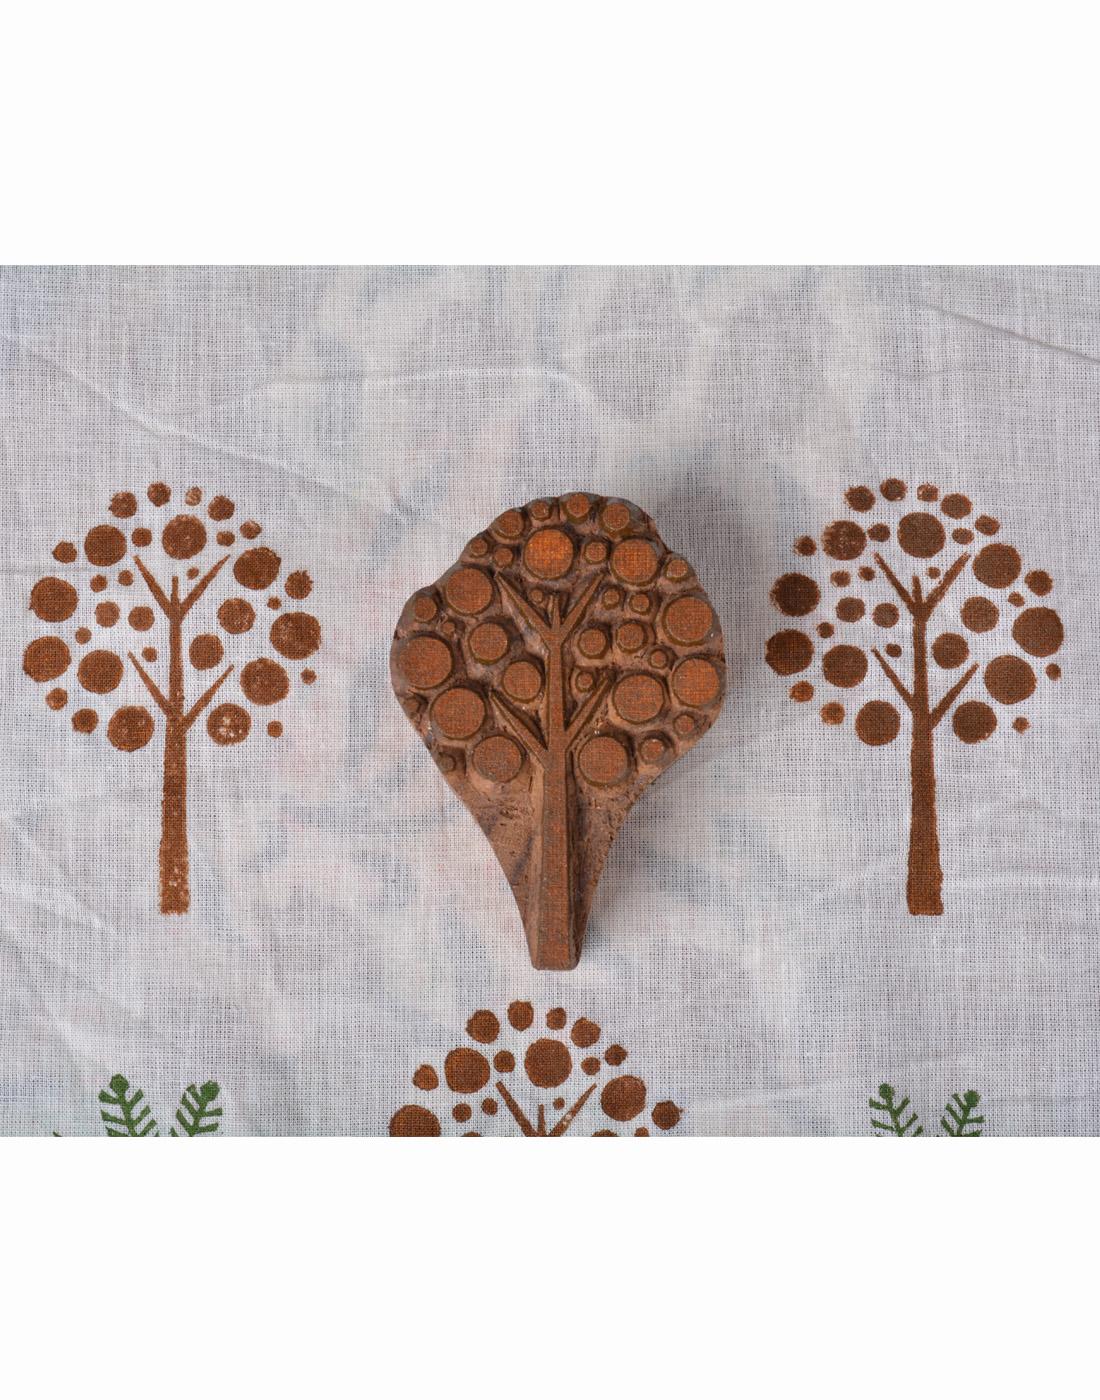 Brown Tree Wooden Printing Blocks